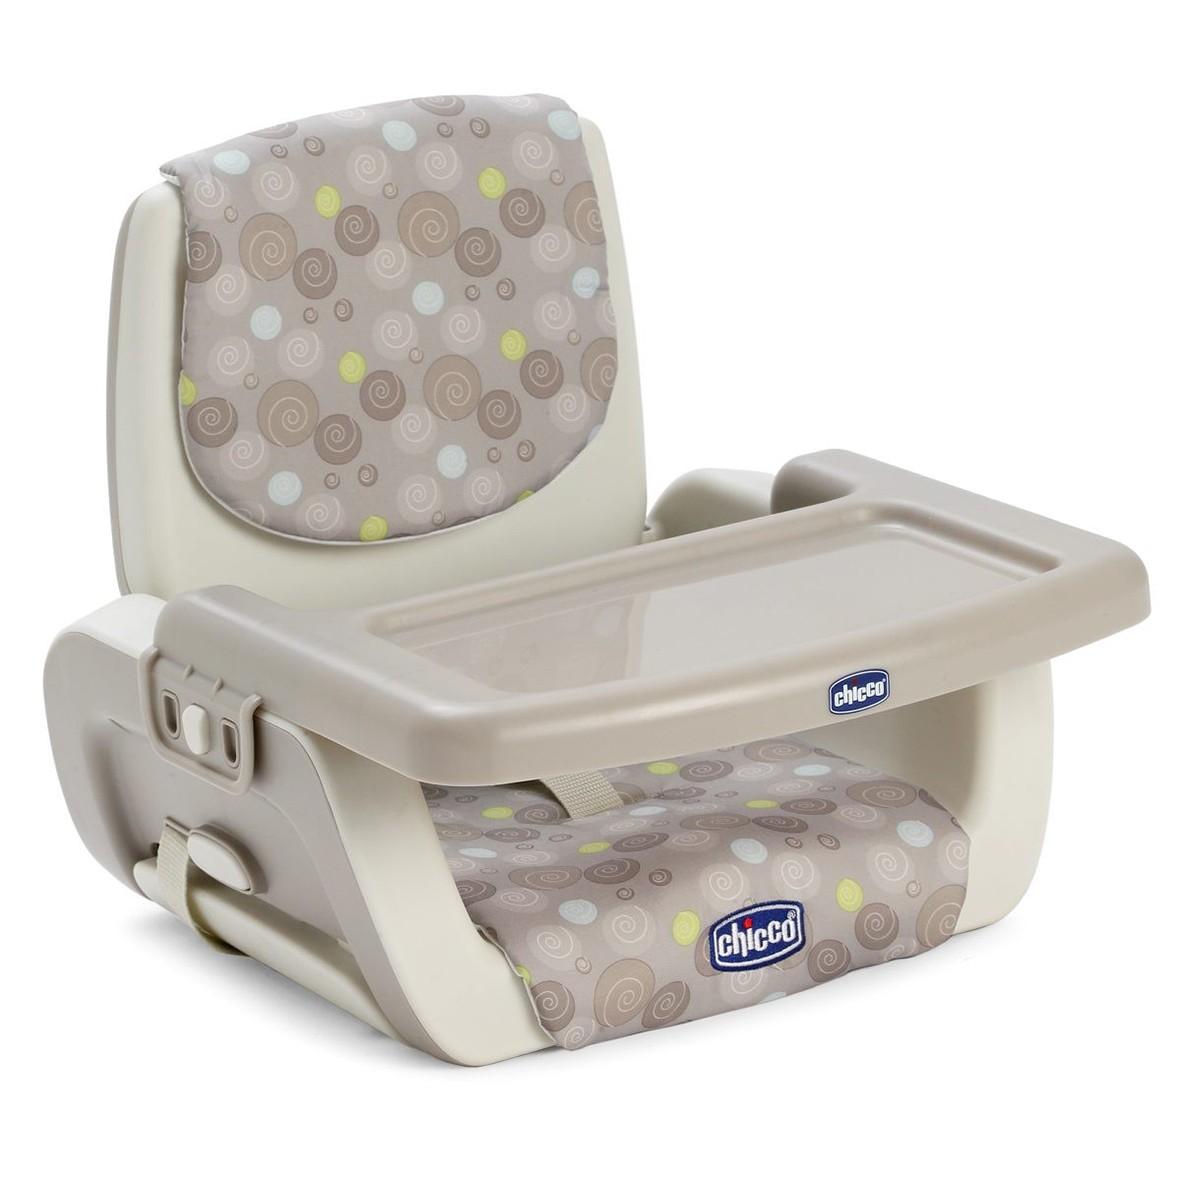 Podsedák na jídelní židli Chicco Mode přenosný - DUNE